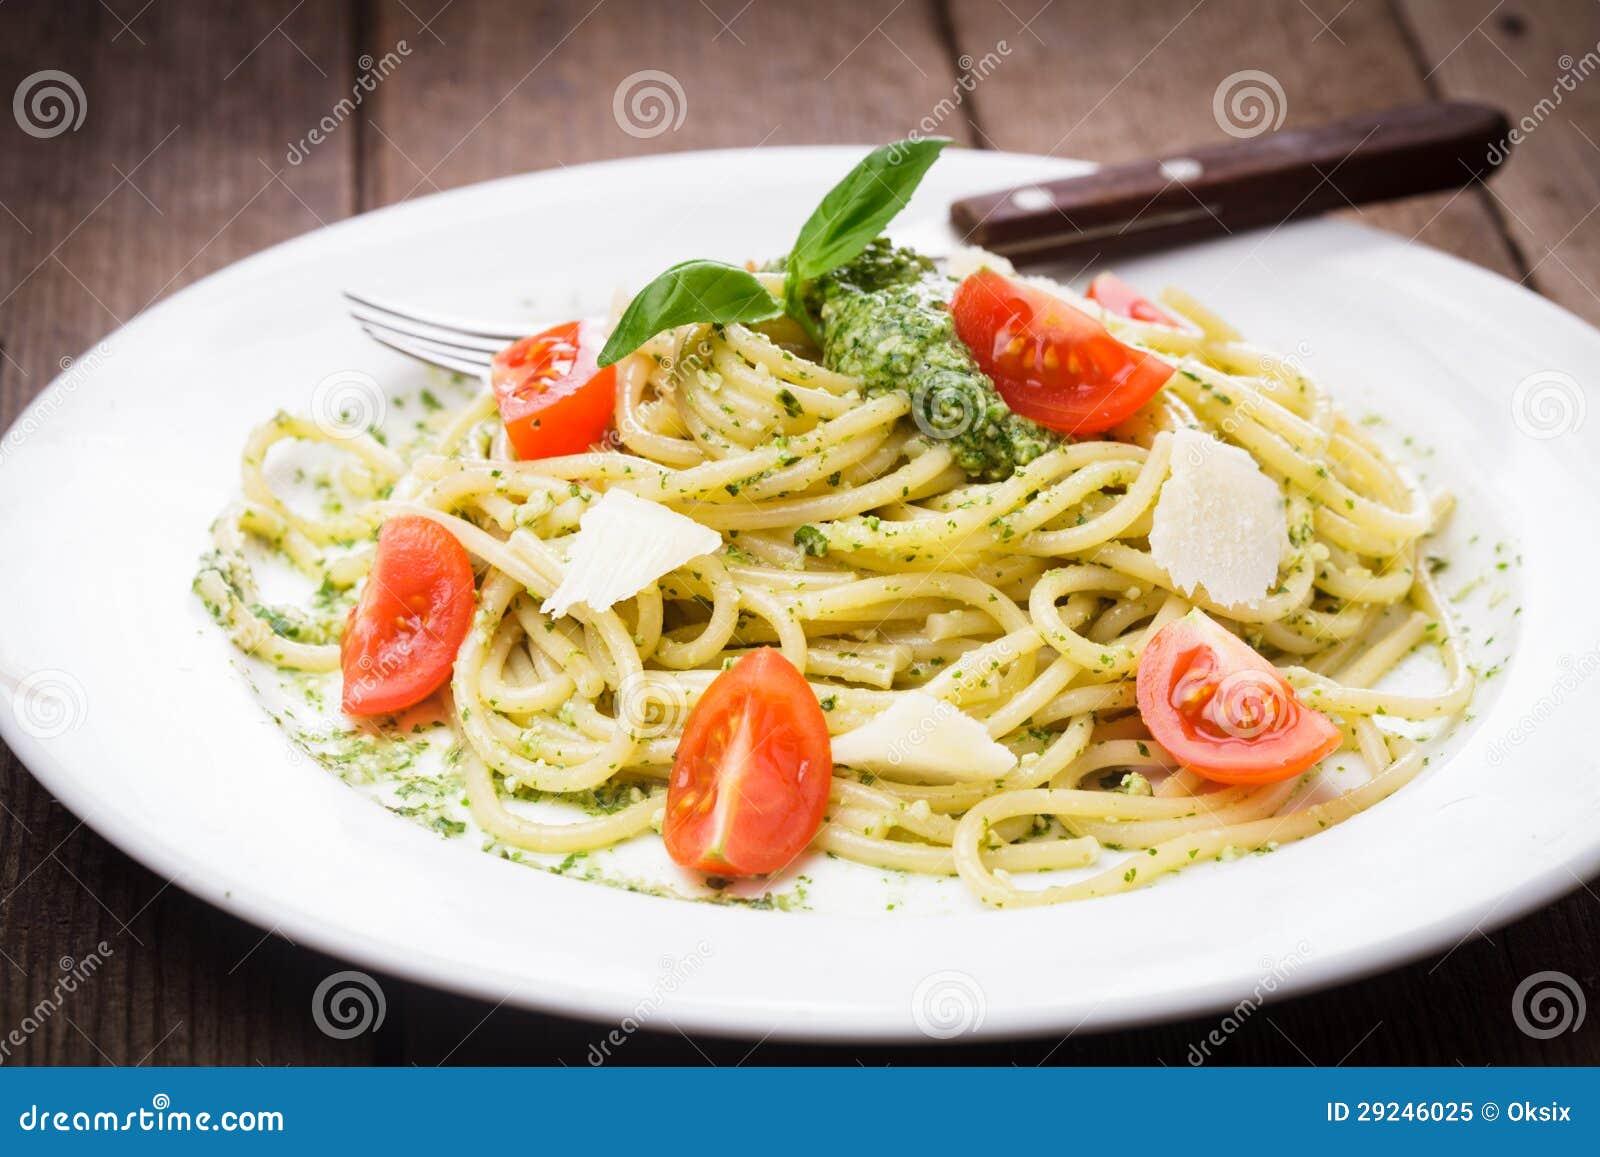 Download Espaguetes com pesto verde imagem de stock. Imagem de ninguém - 29246025